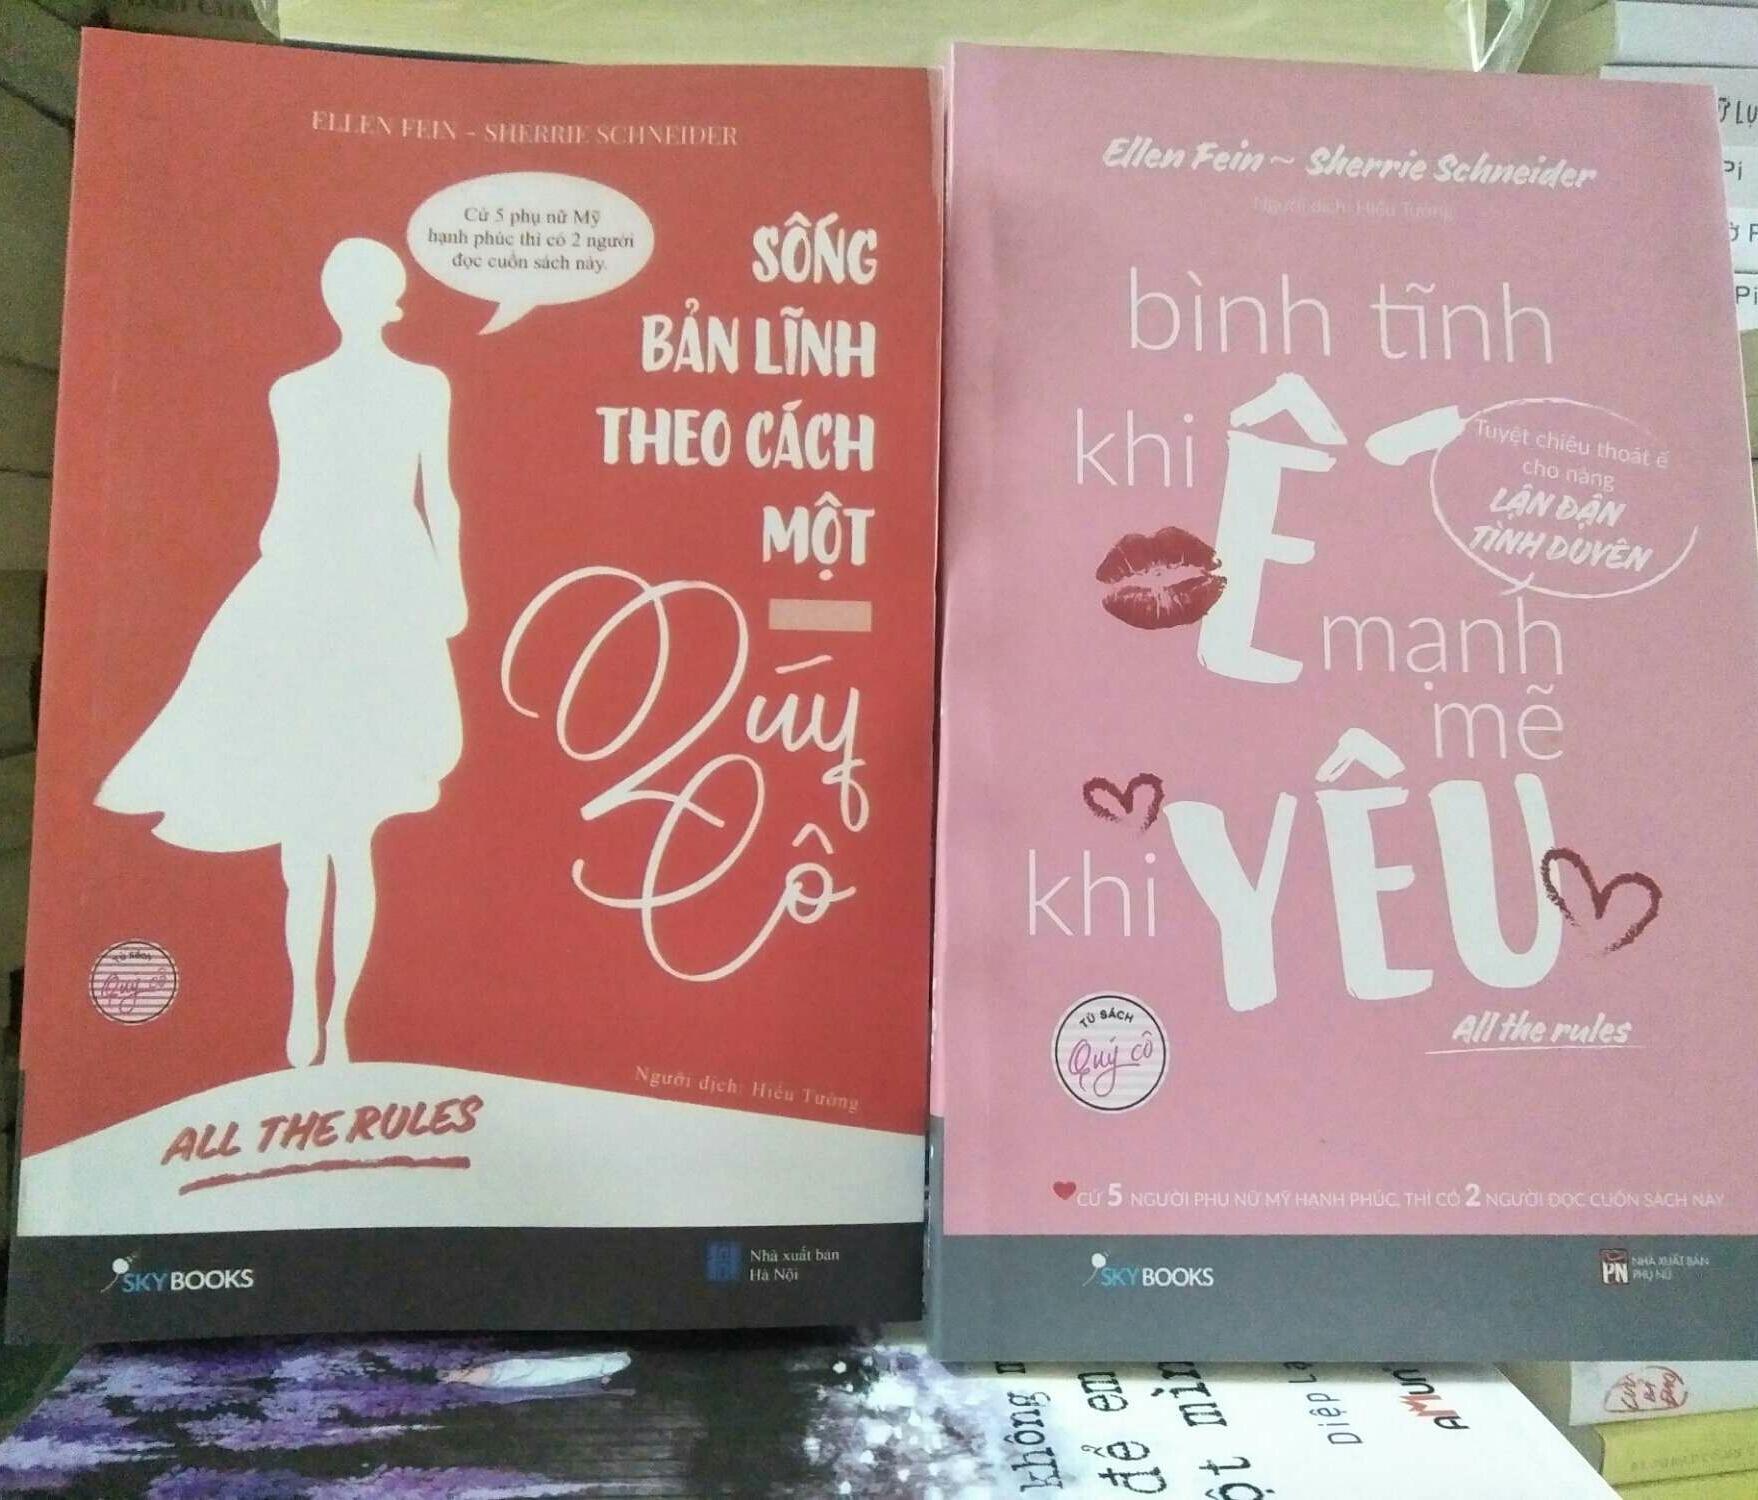 Mua Combo 2 cuốn : Sống bản lĩnh theo cách một quý cô - Bình tĩnh khi ế mạnh mẽ khi yêu